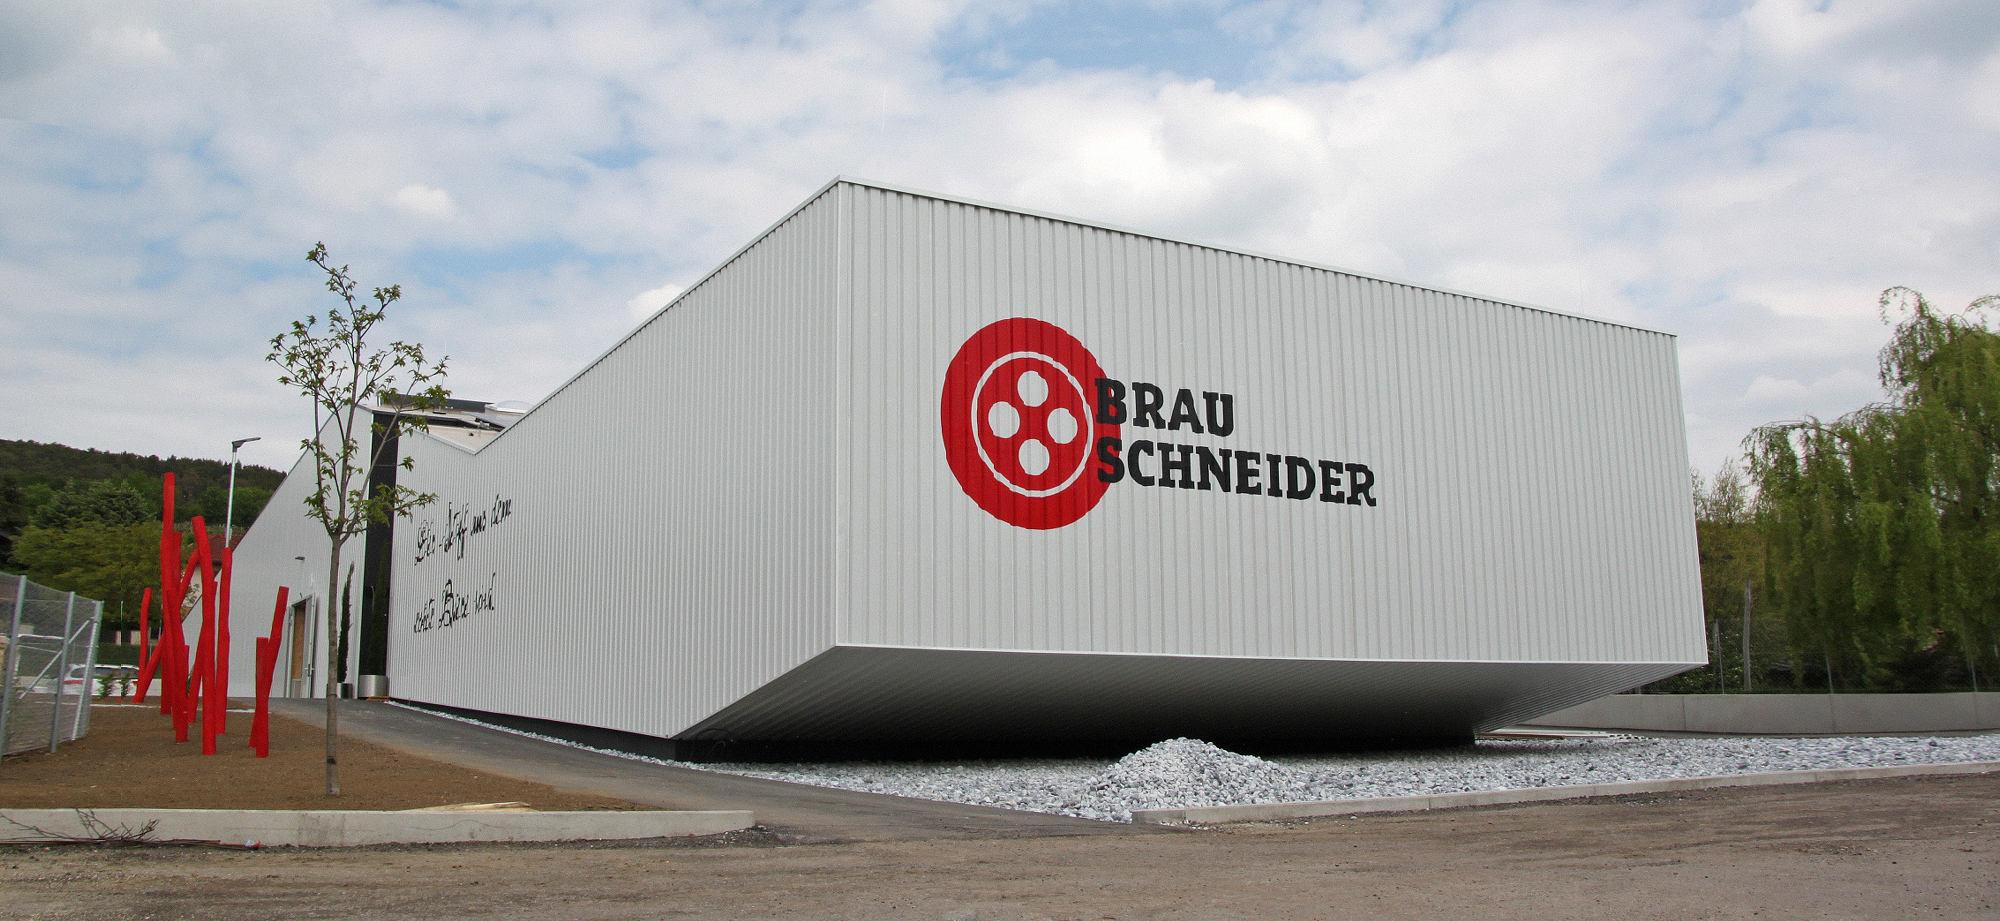 BrauSchneider Brauerei Schiltern